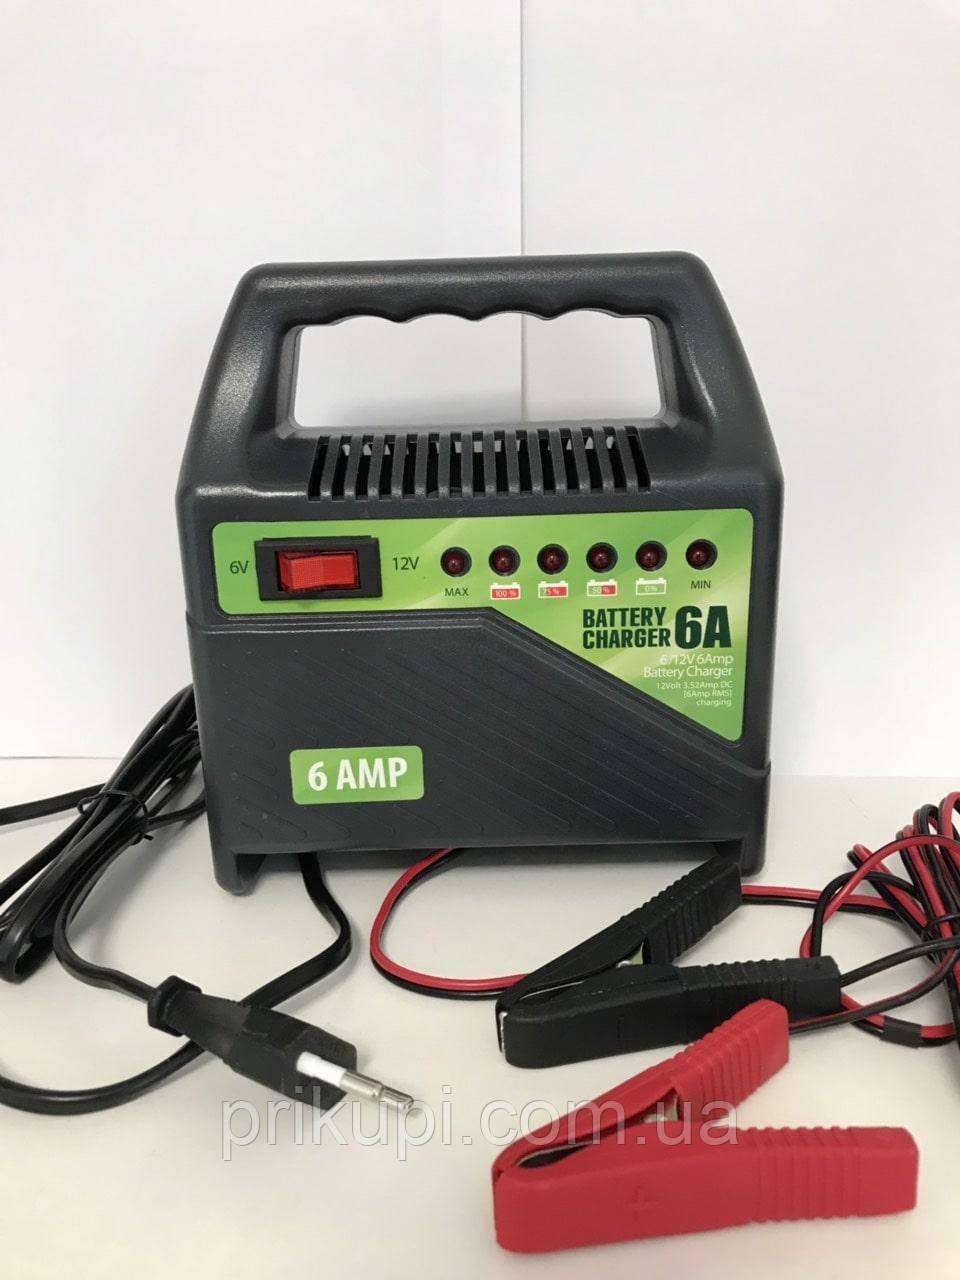 Зарядний пристрій для автомобільних акумуляторів Pulso BC-15860 6-12В | 6A | 15-80Ач | світлодіод